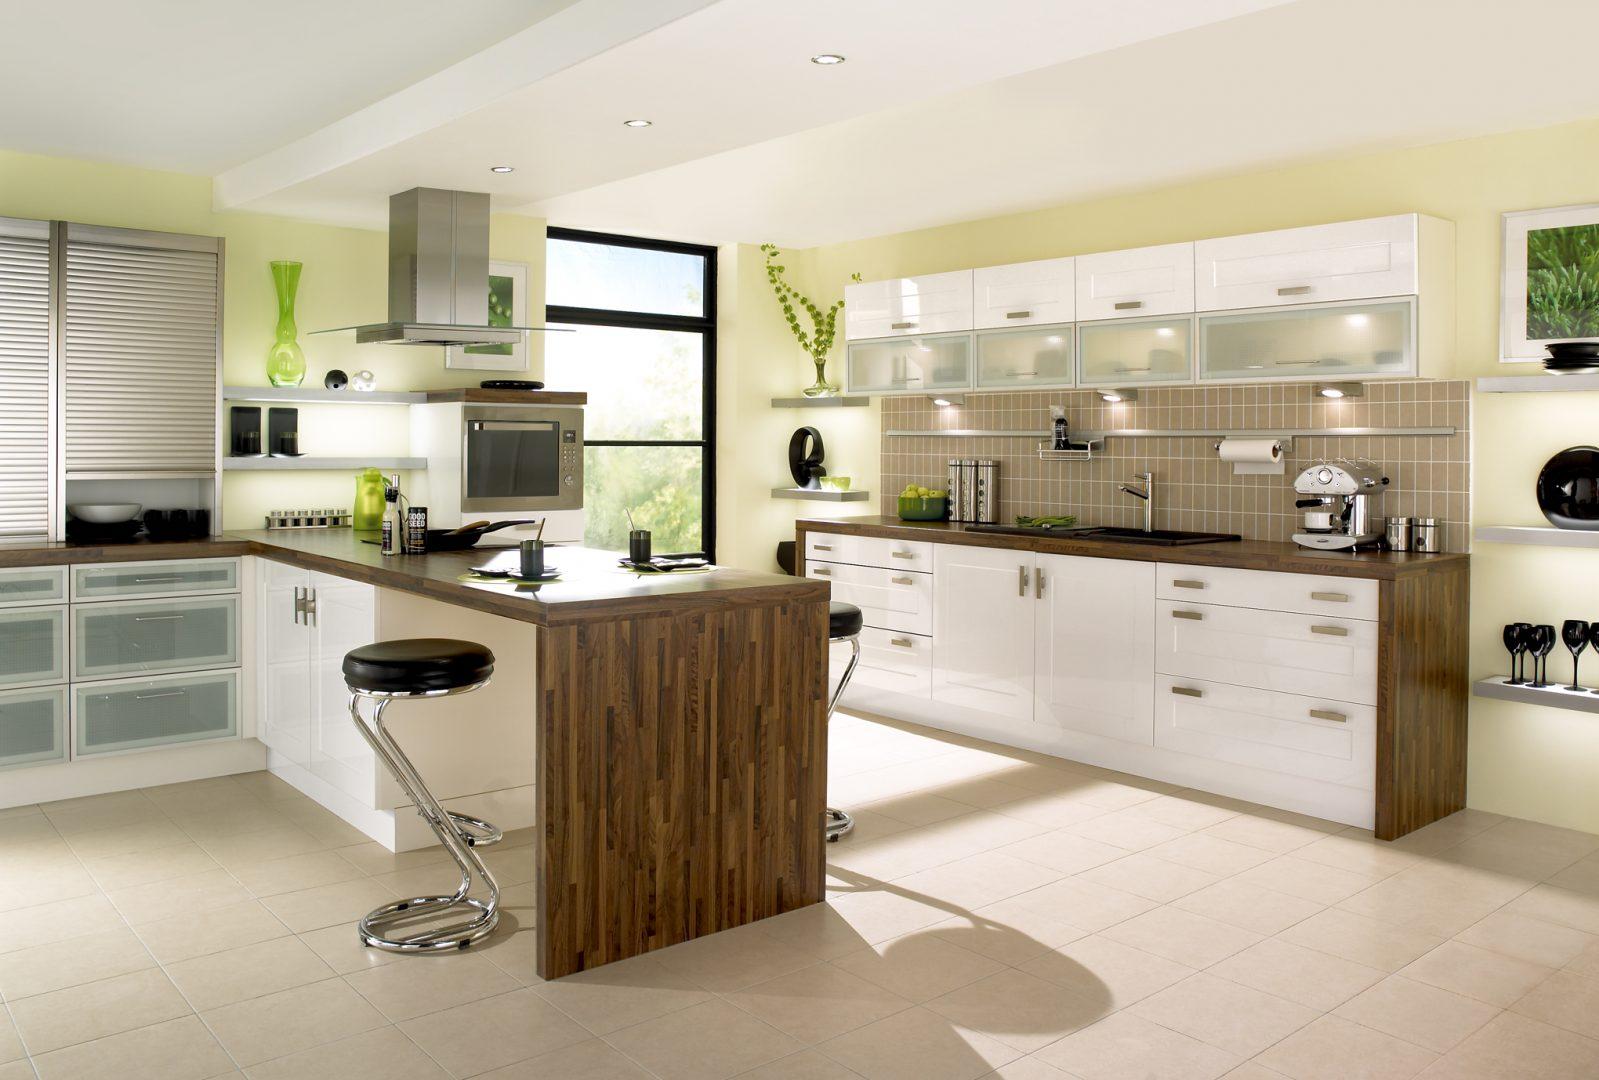 Cocina moderna im genes y fotos for Cocinas modernas apartamentos